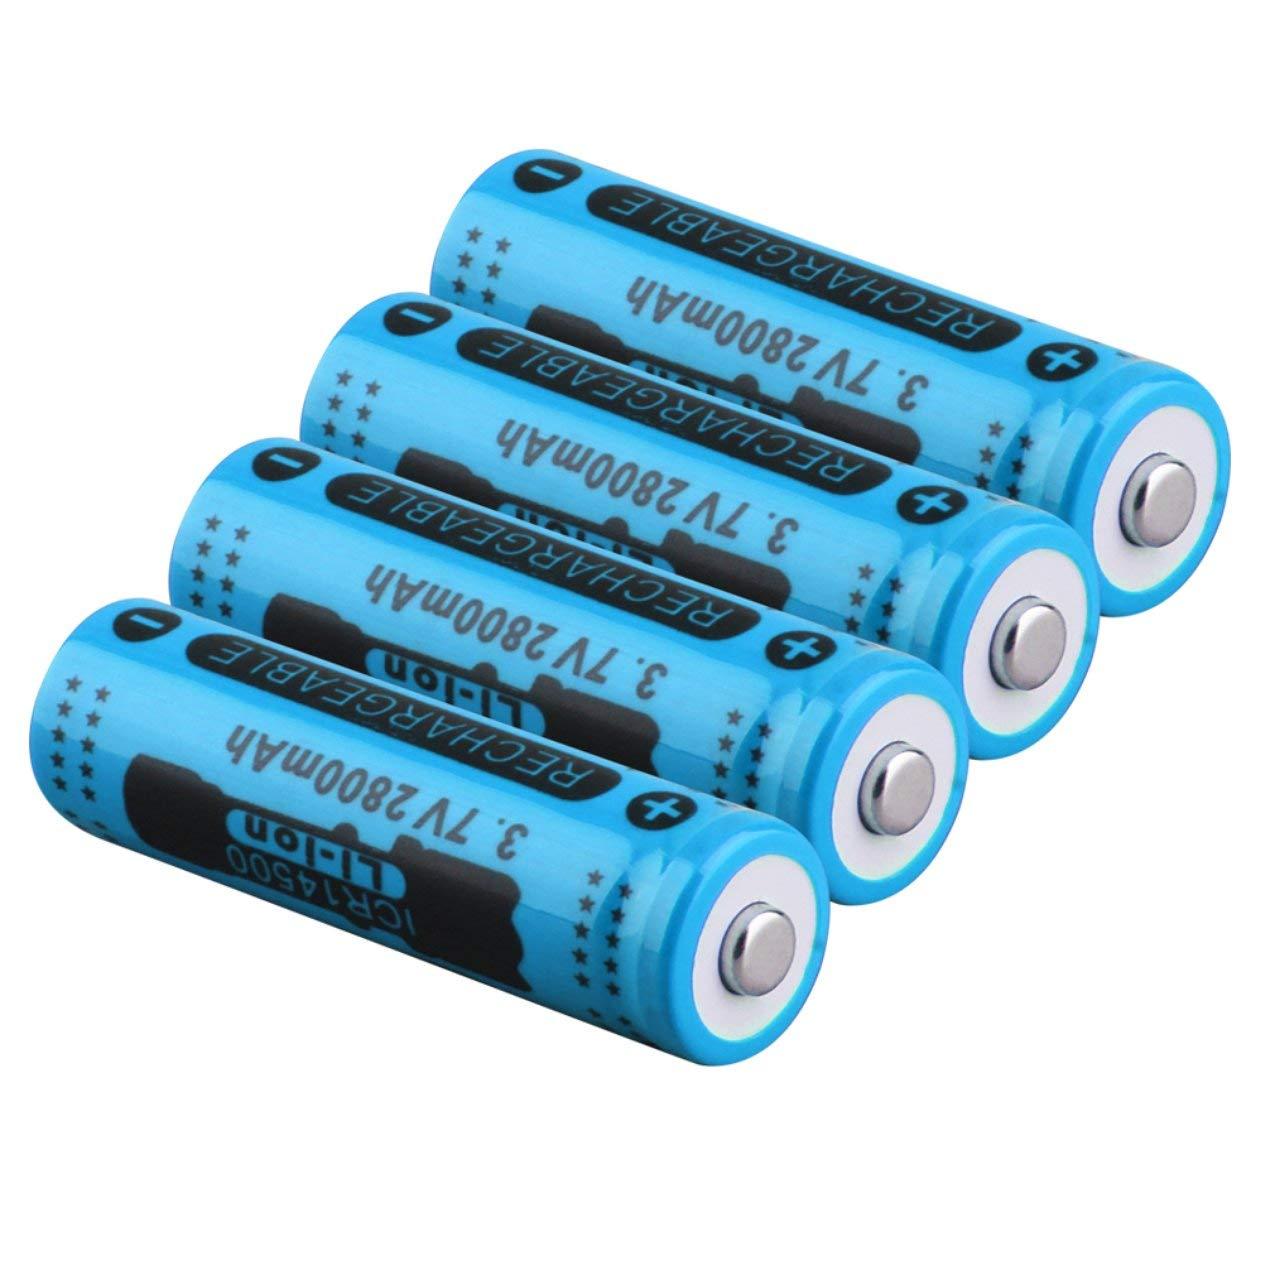 14500 3,7 V 2800 mAh Lithium-Ionen-akku, 3,7 V 2800 mAh 14500 Batterie Groß e Kapazitä t Li-ion Akku Ersatz Fü r Taschenlampe Batterie Redstrong